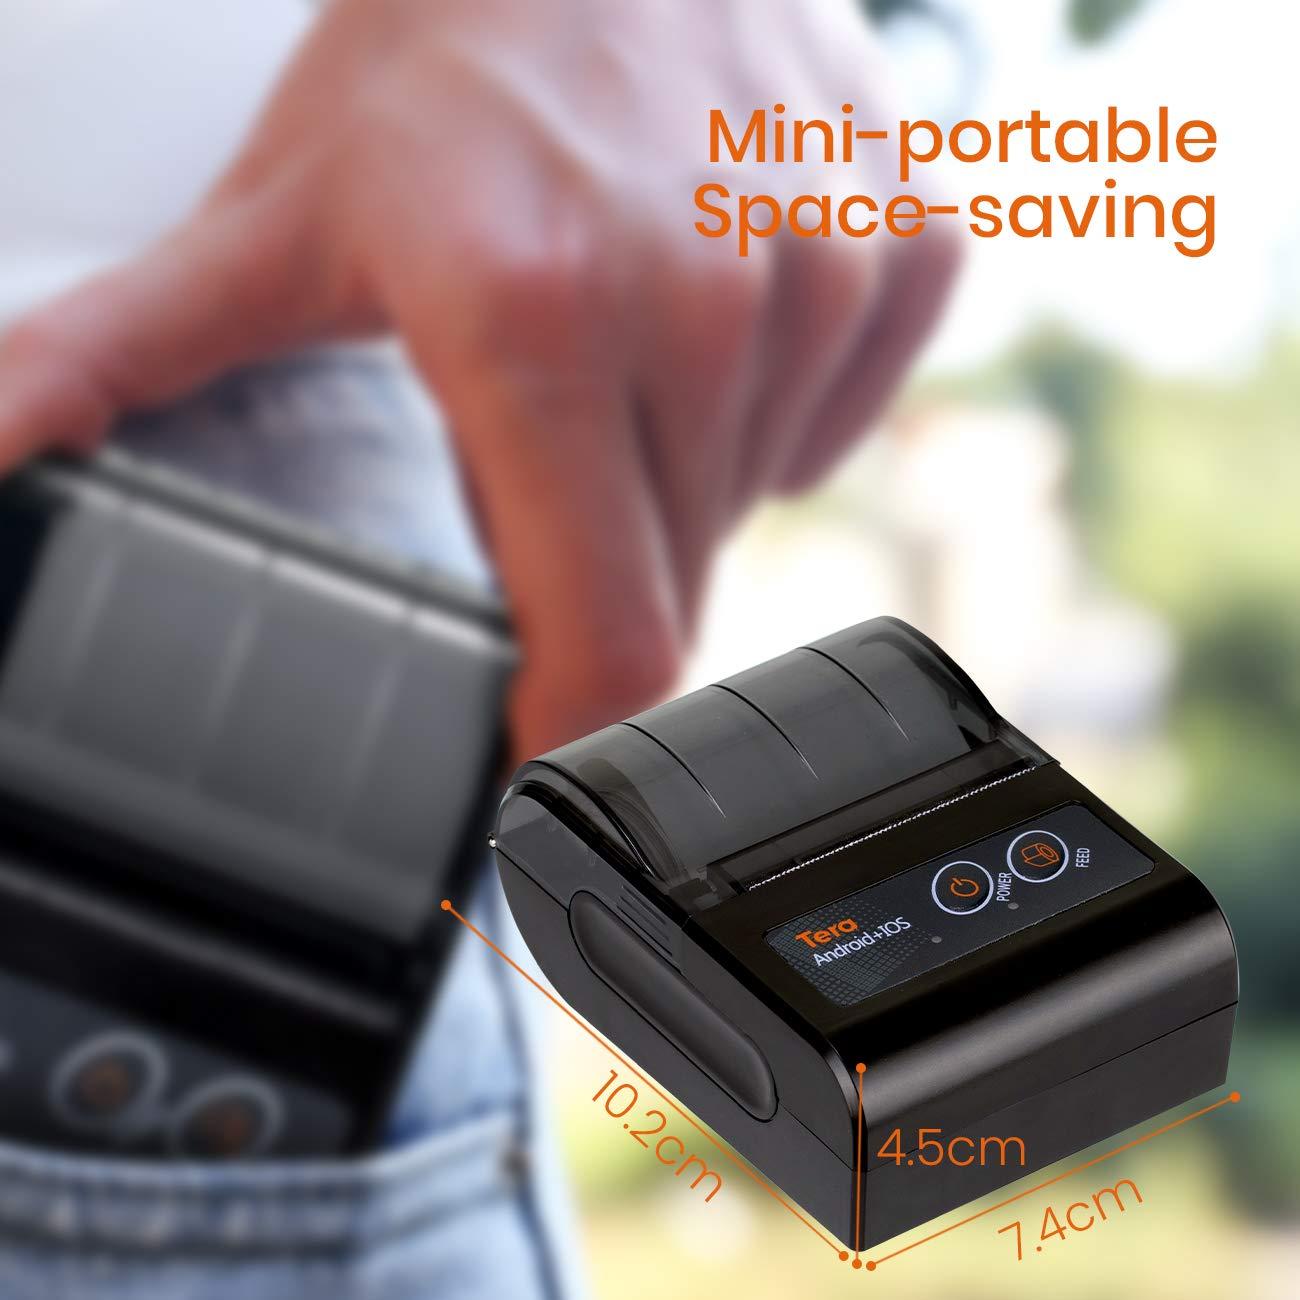 Mini Impresora Inal/ámbrica Bluetooth 4.0 con 2 Bater/ías Recargables Compatible con Android iOS Tera Impresora T/érmica Port/átil de Recibos